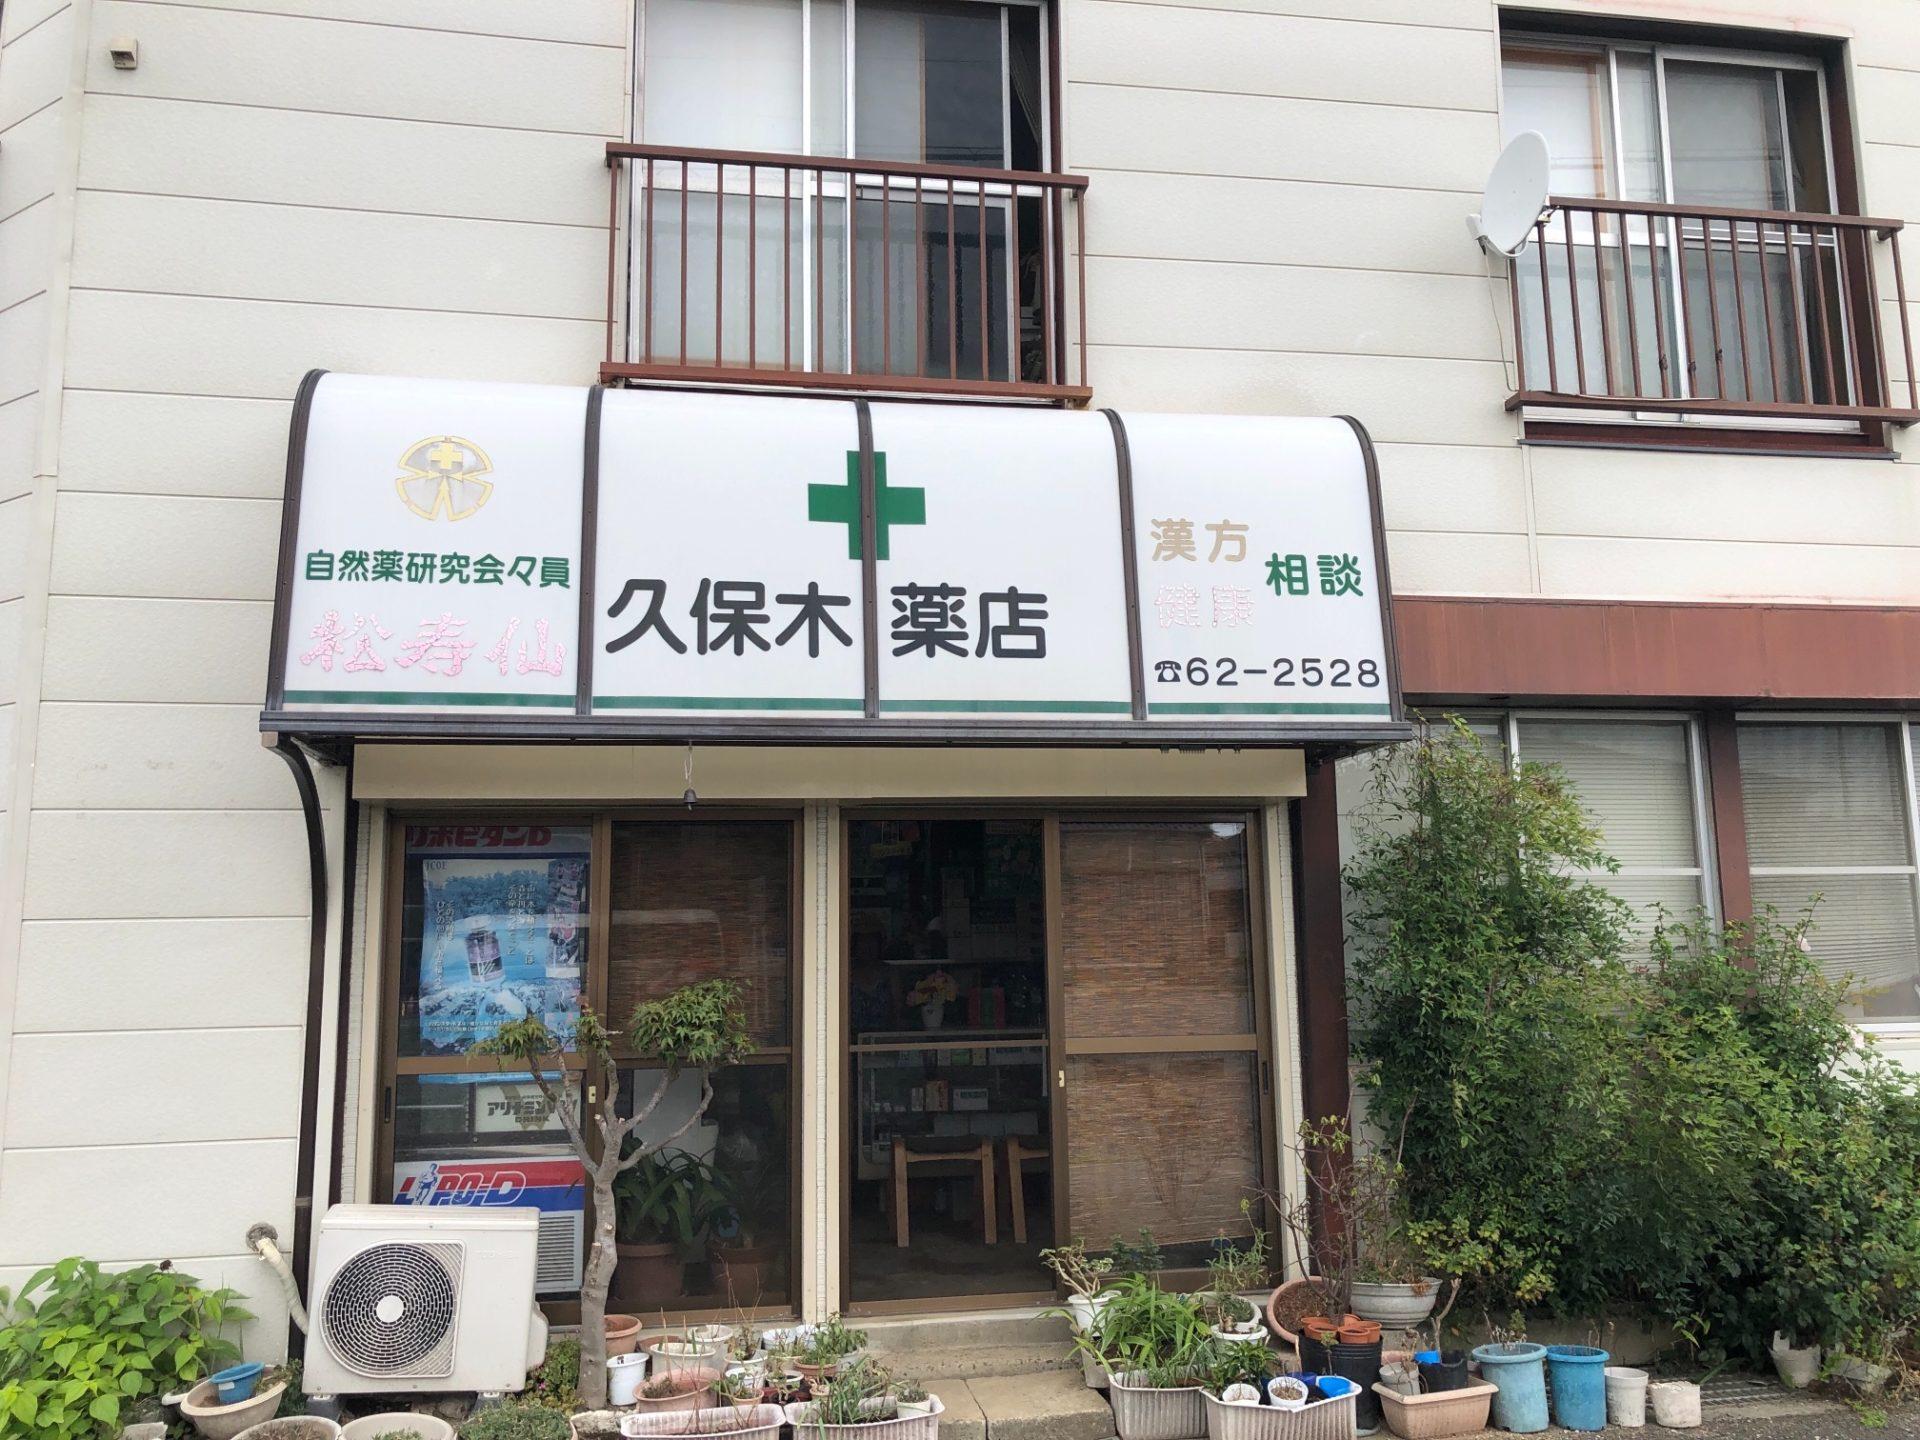 久保木薬店